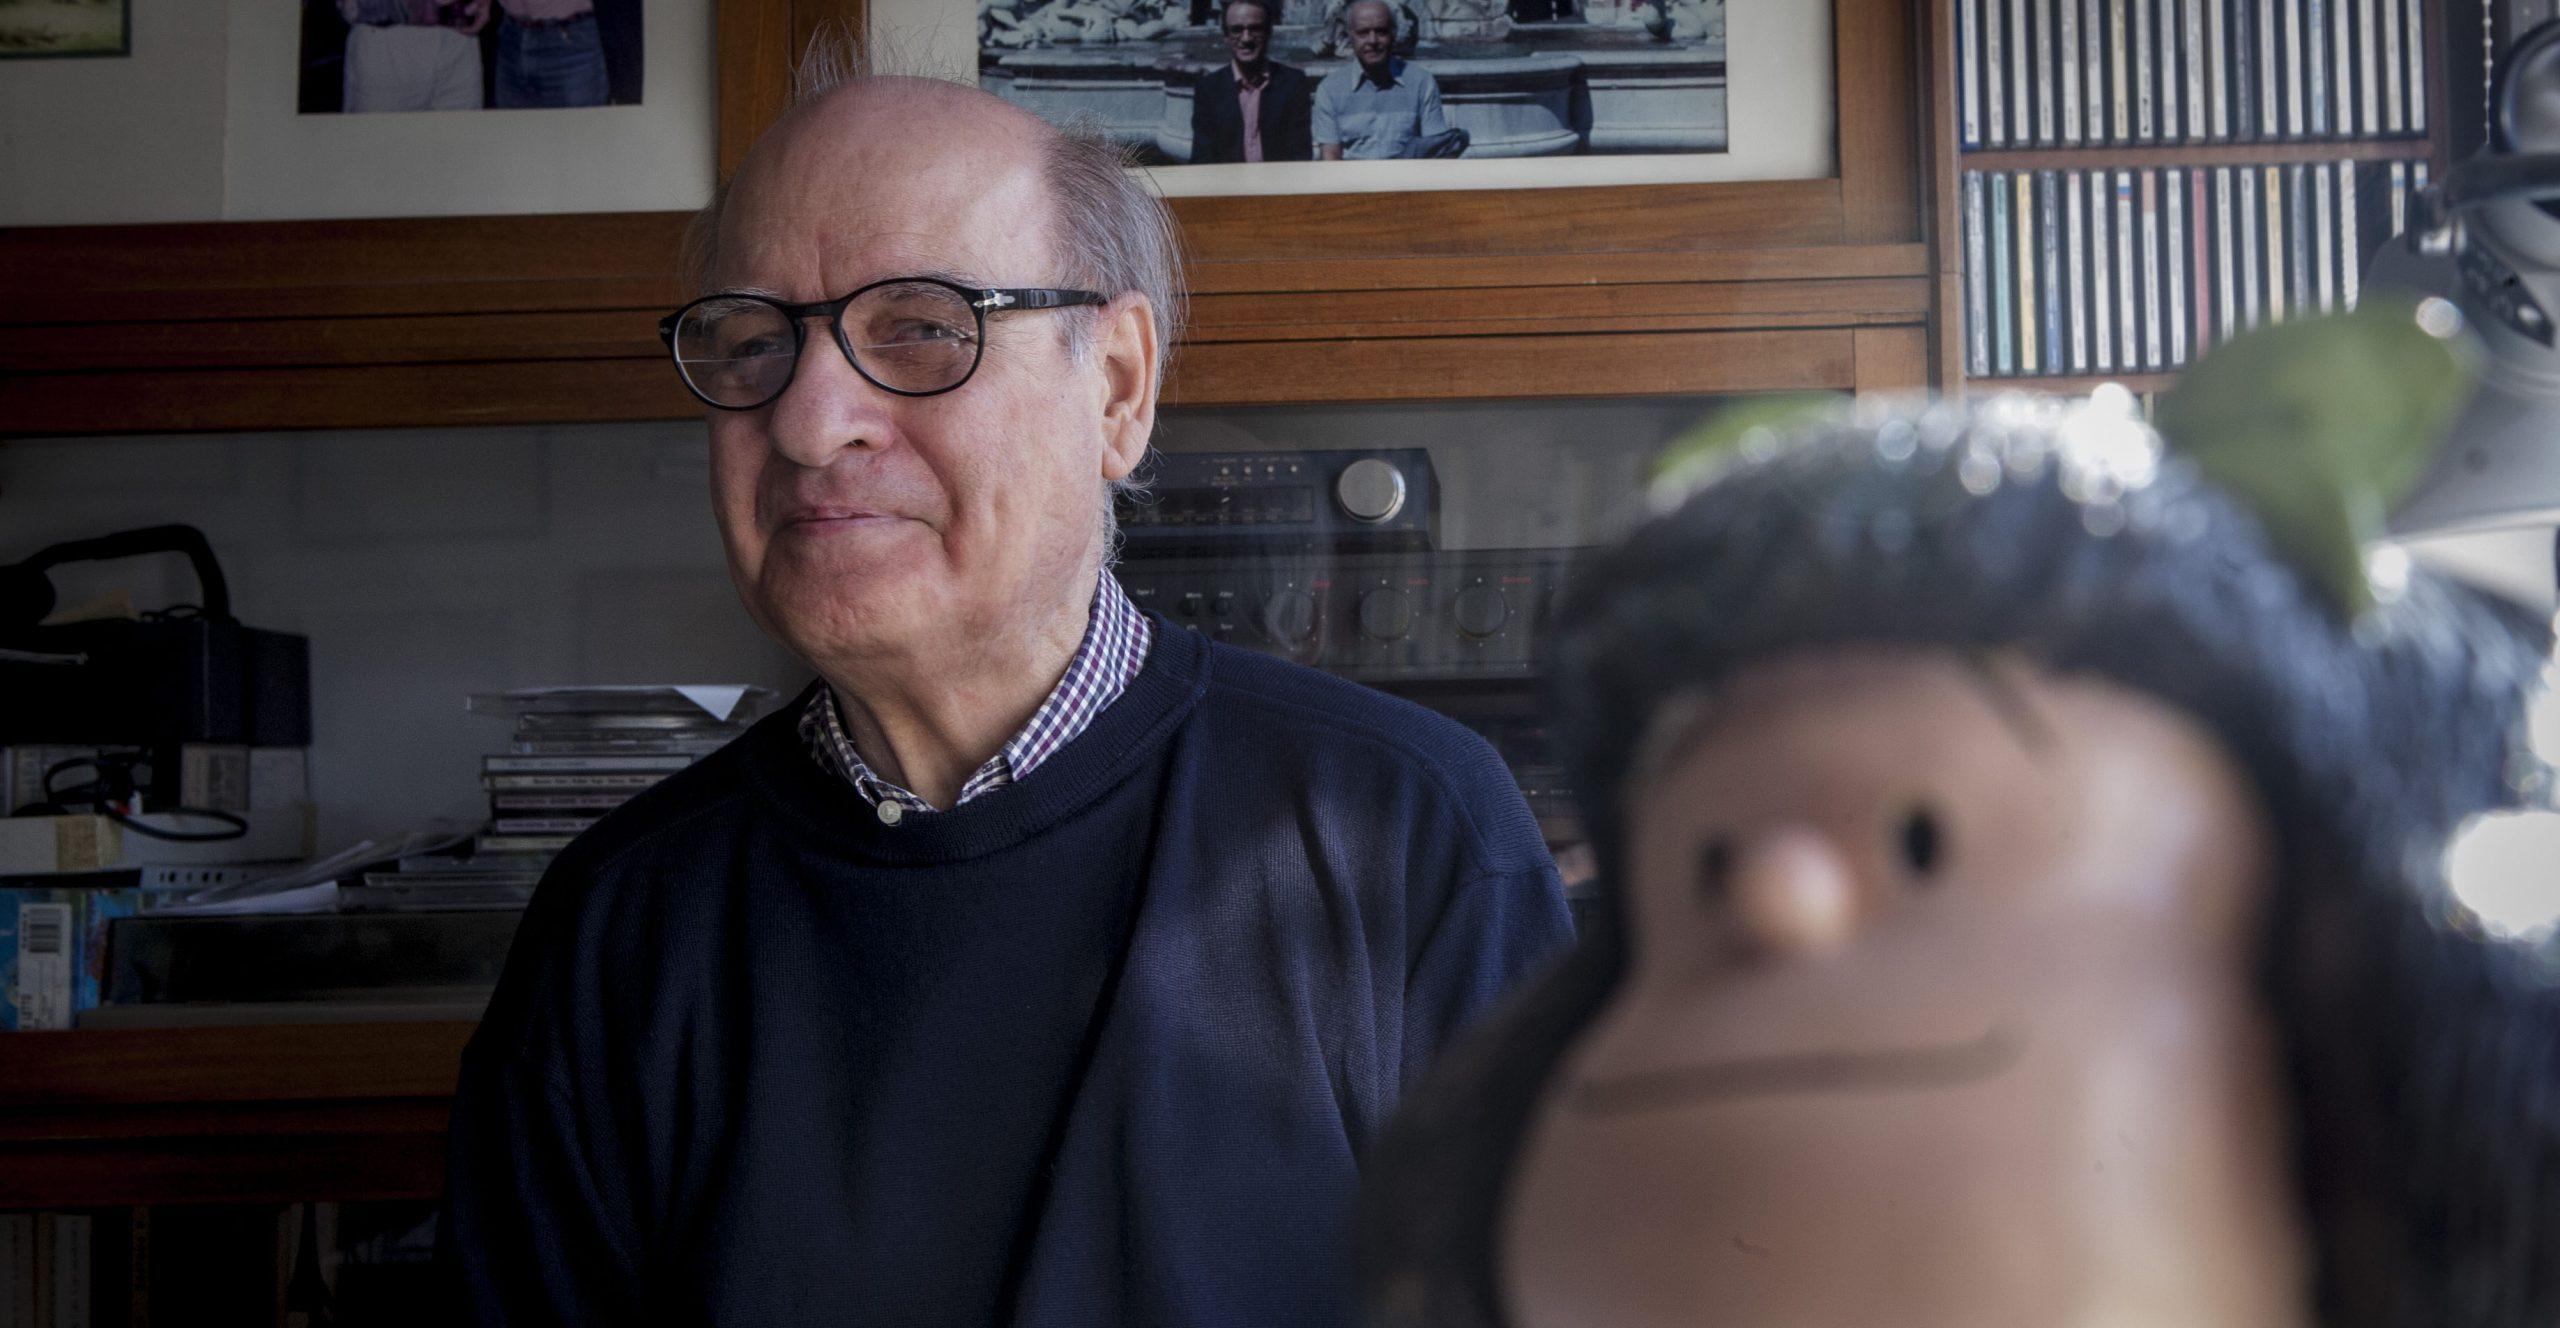 ¡Feliz cumpleaños! Los 56 años de Mafalda, su aberración a la sopa y el tal Quino